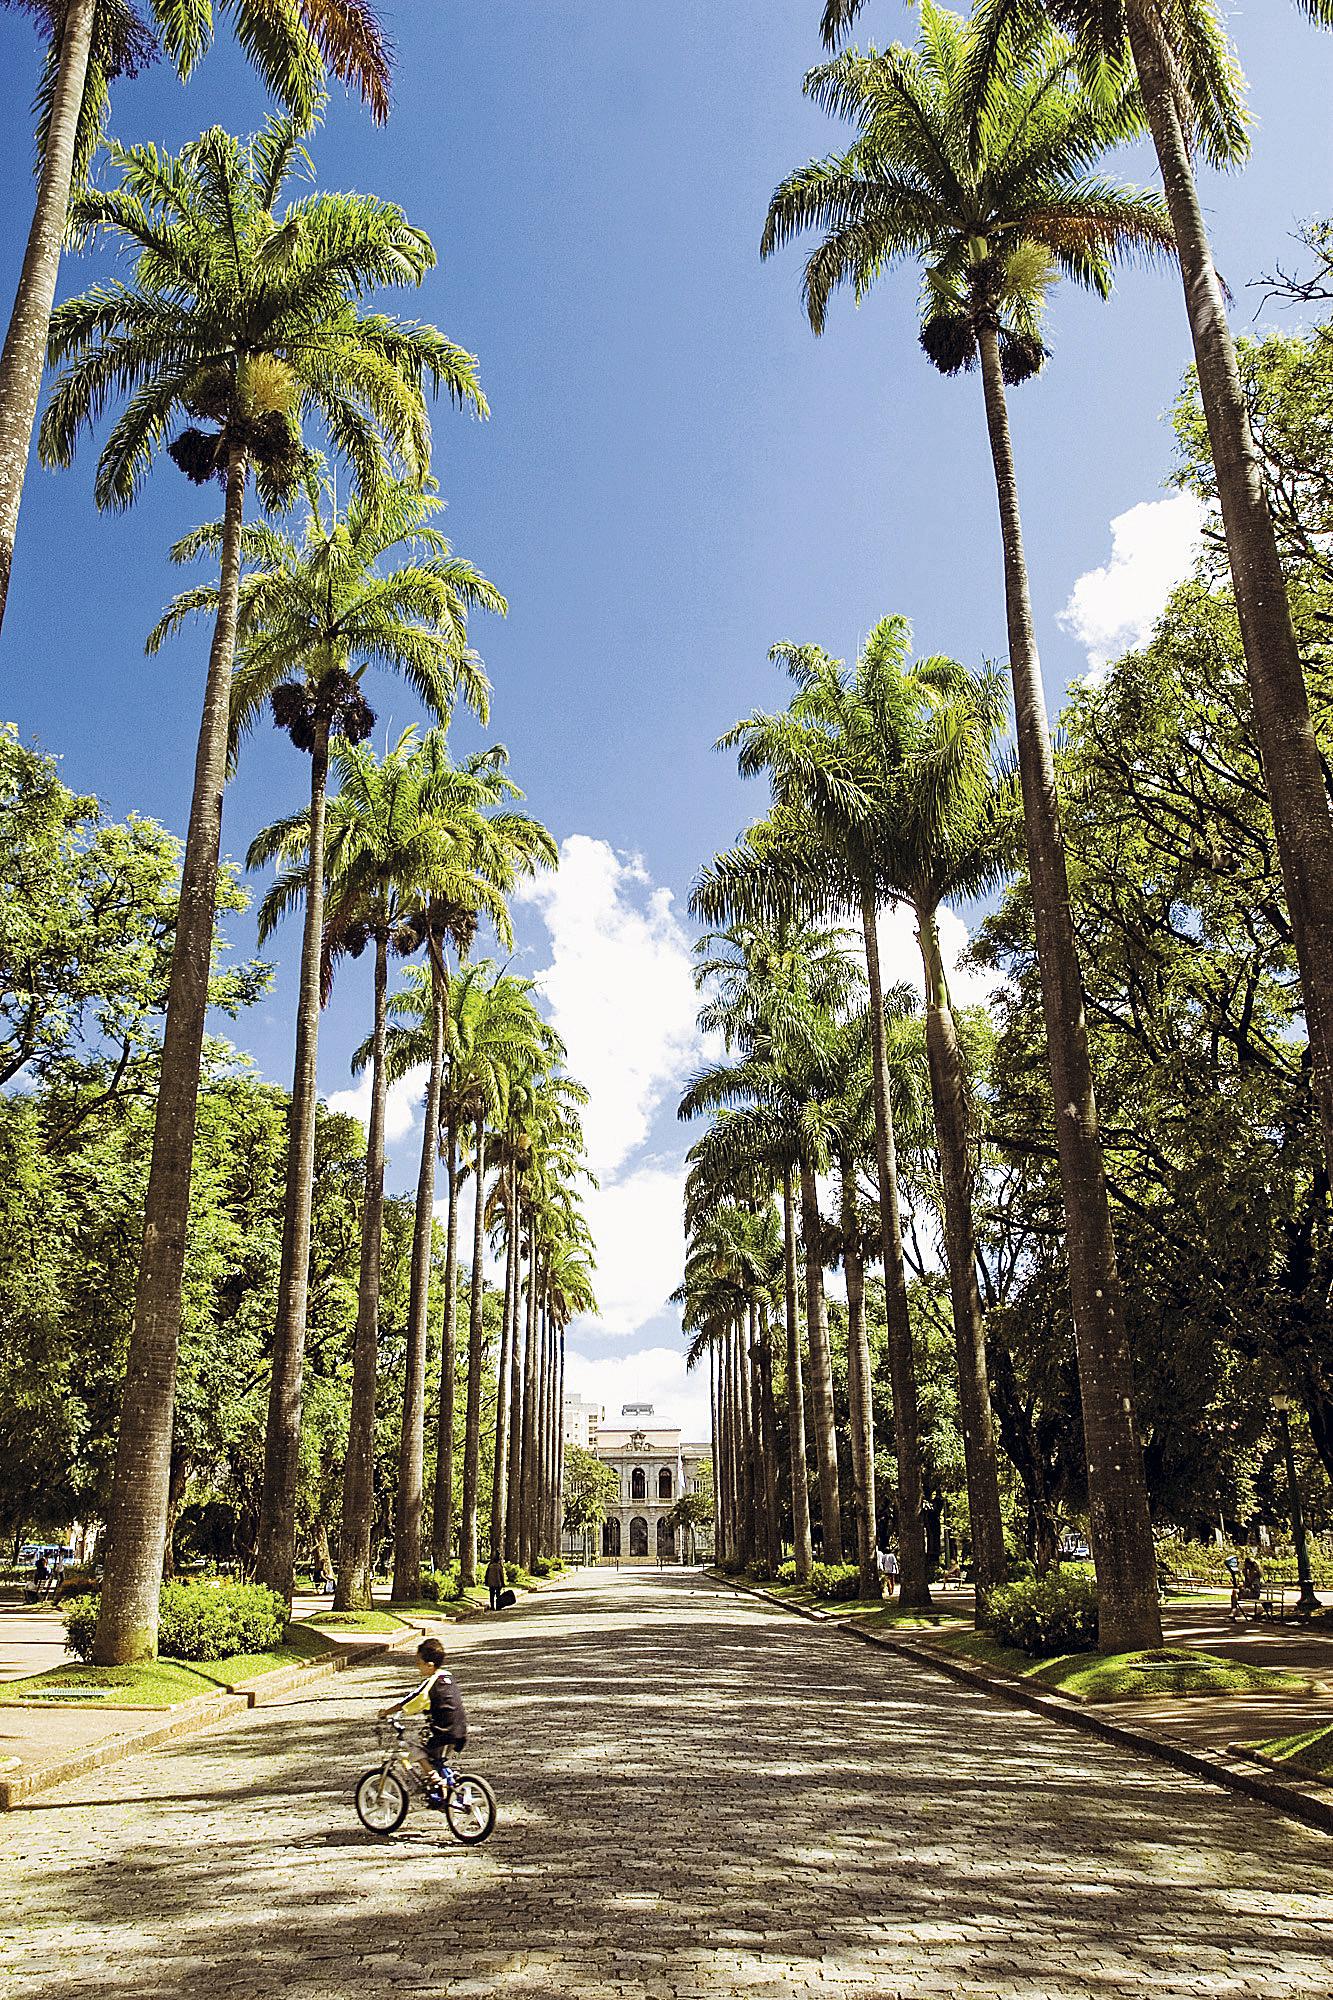 Praça da Liberdade, Belo Horizonte, Minas Gerais, Brasil